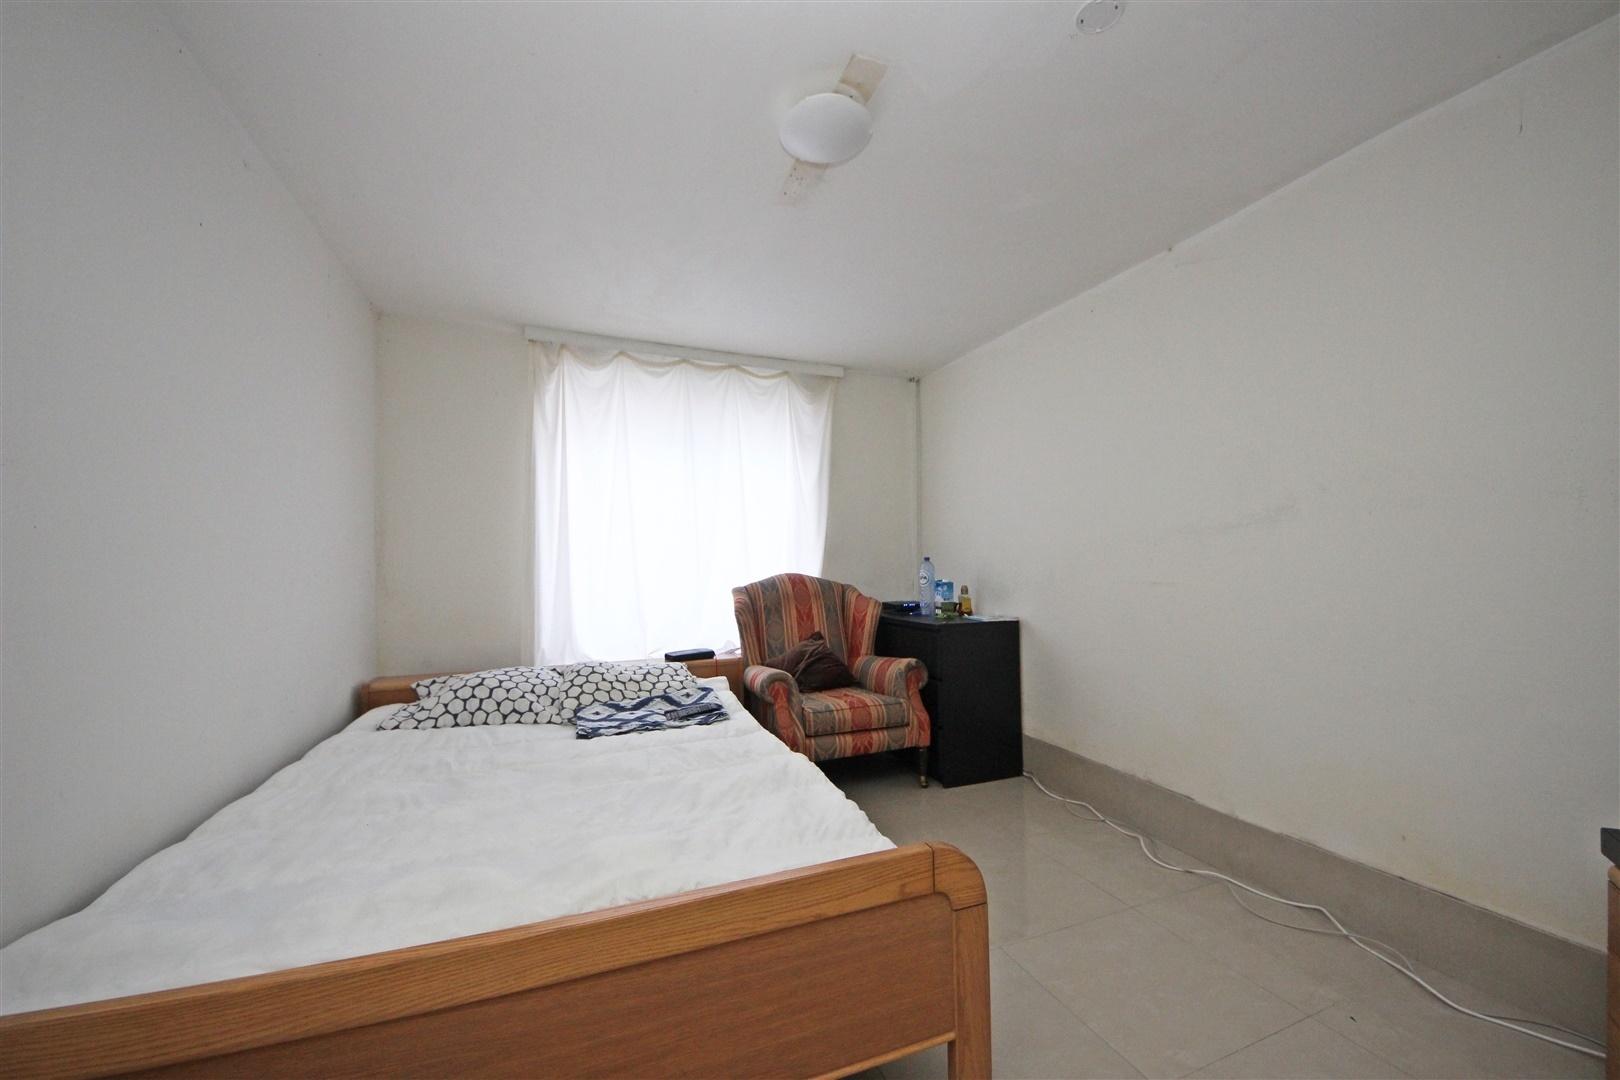 Opbrengsteigendom bestaande uit 5 kamers en 1 studio